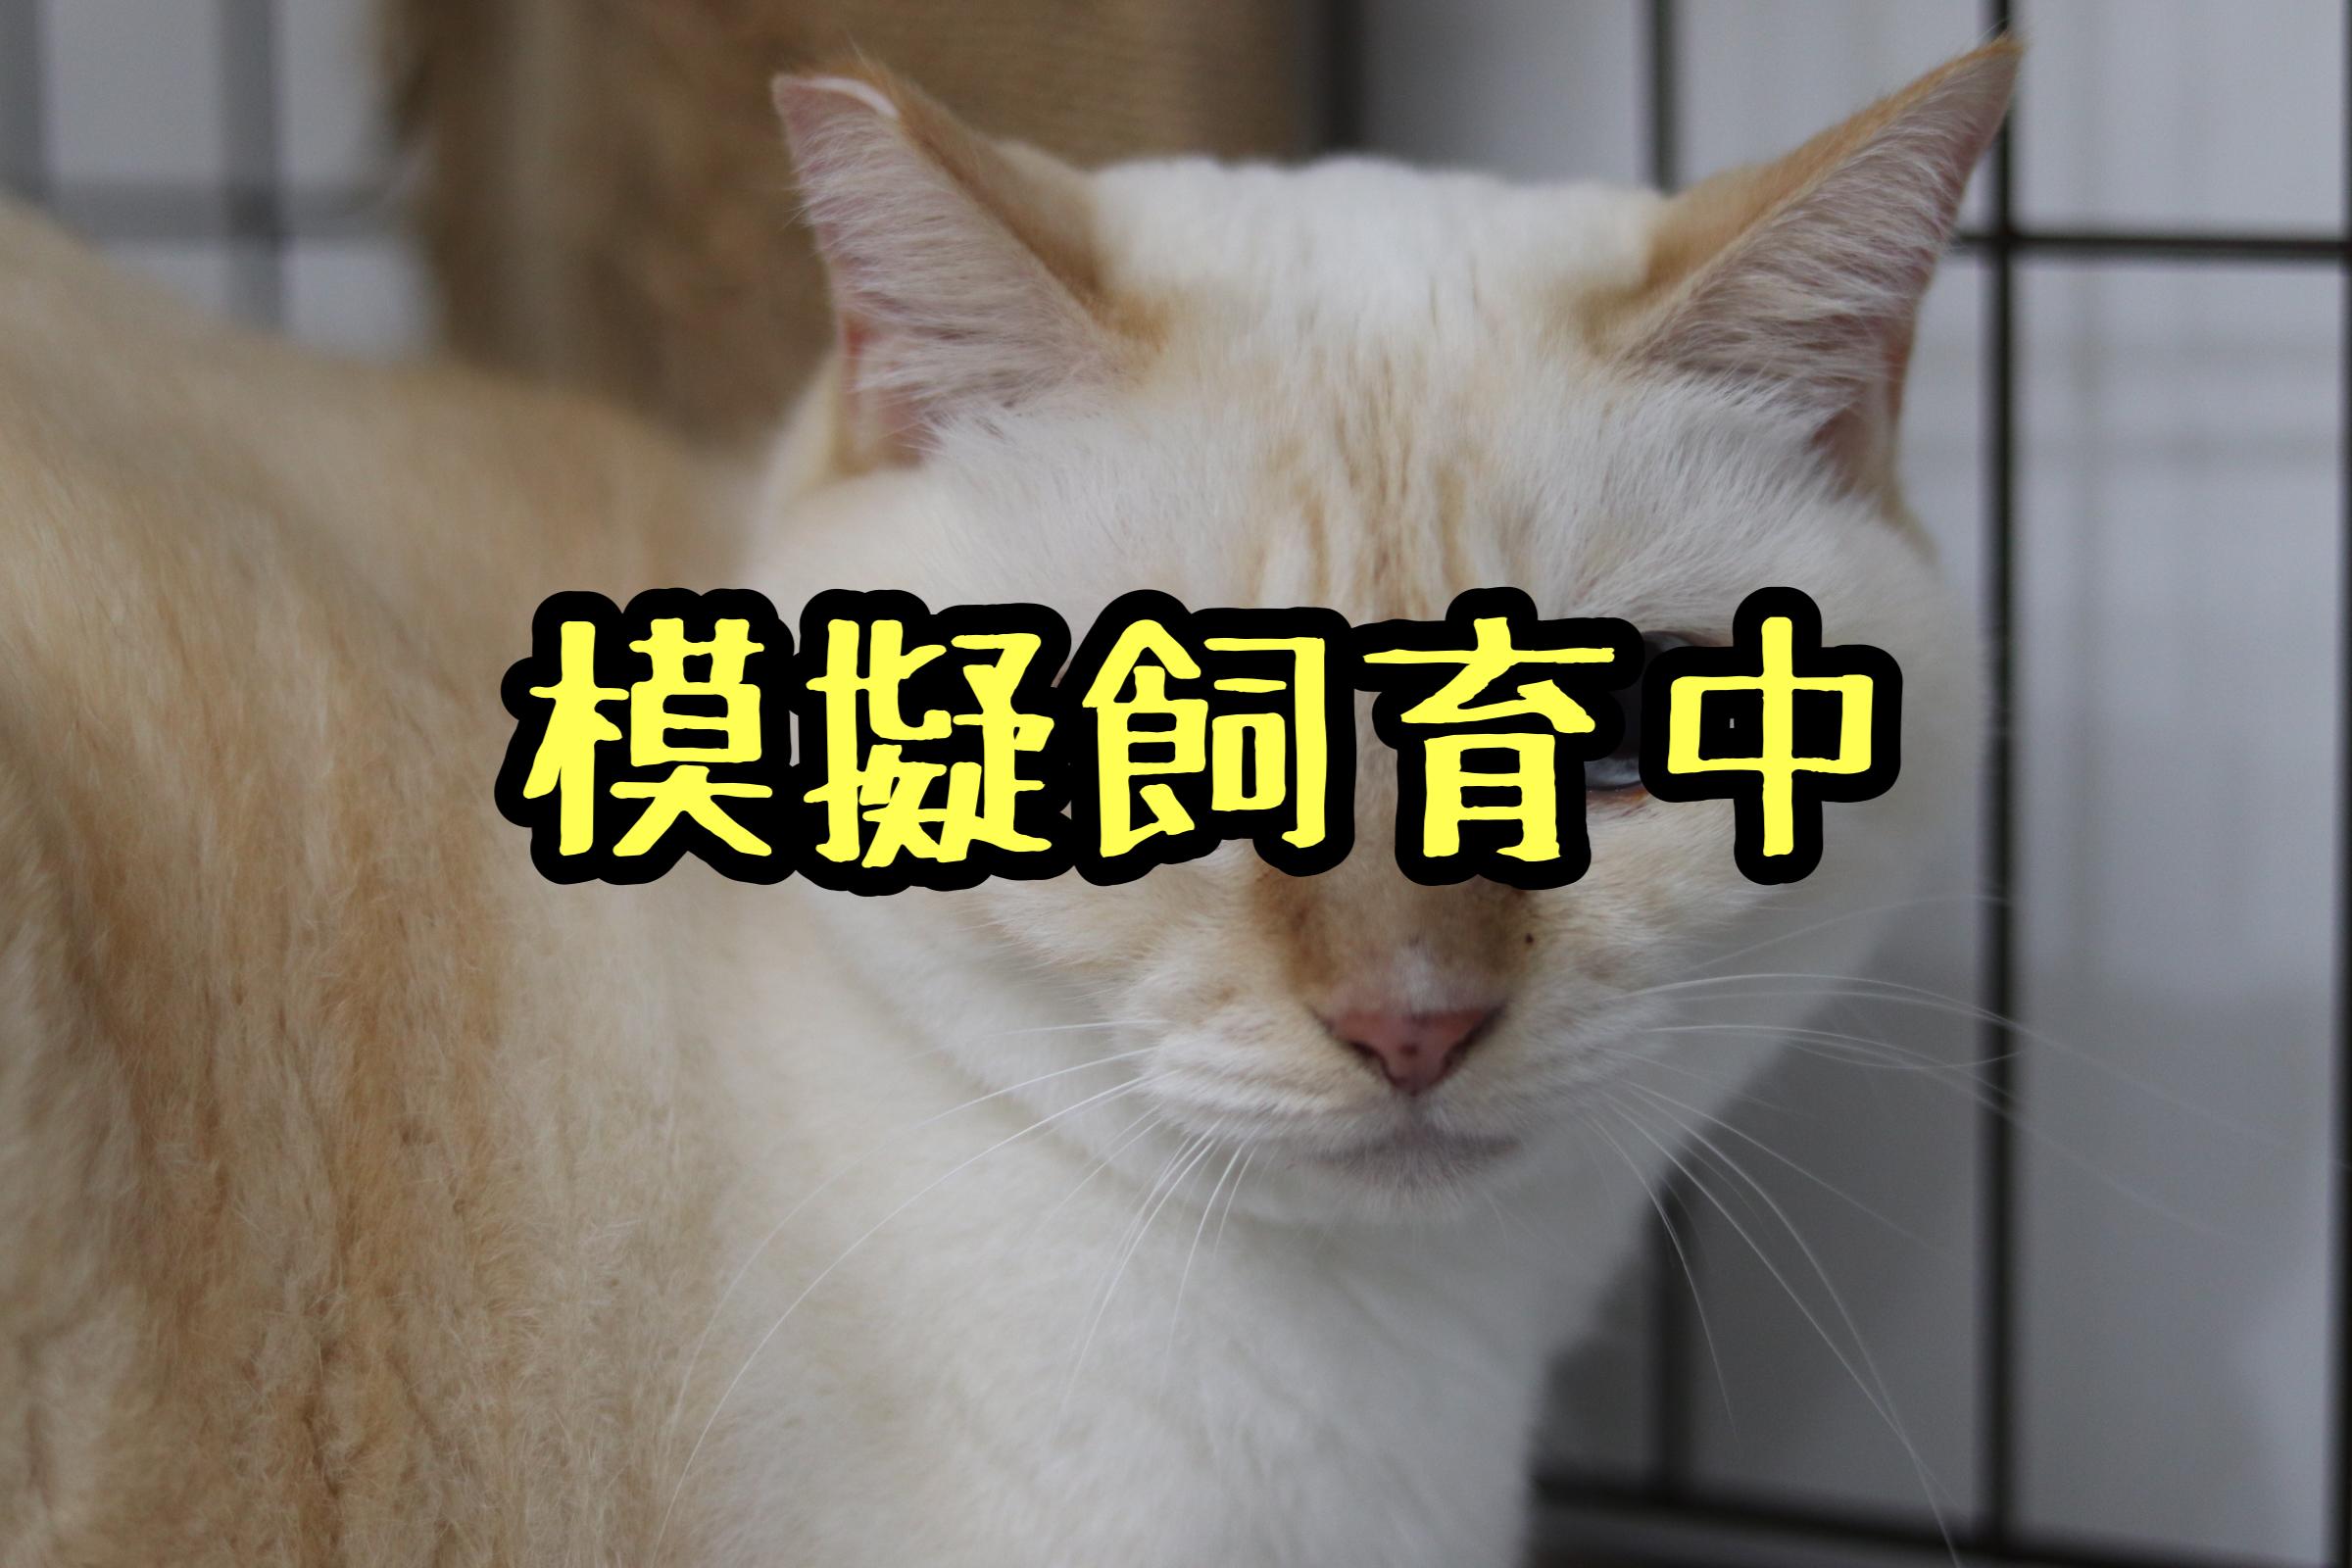 <ul> <li>猫種:日本猫</li> <li>名前(性別):不明(男の子)</li> <li>年齢:3〜8歳くらい</li> <li>保護経緯:飼い主が高齢になり逝去され、親族も引き継いで飼うことが出来ない</li> </ul>